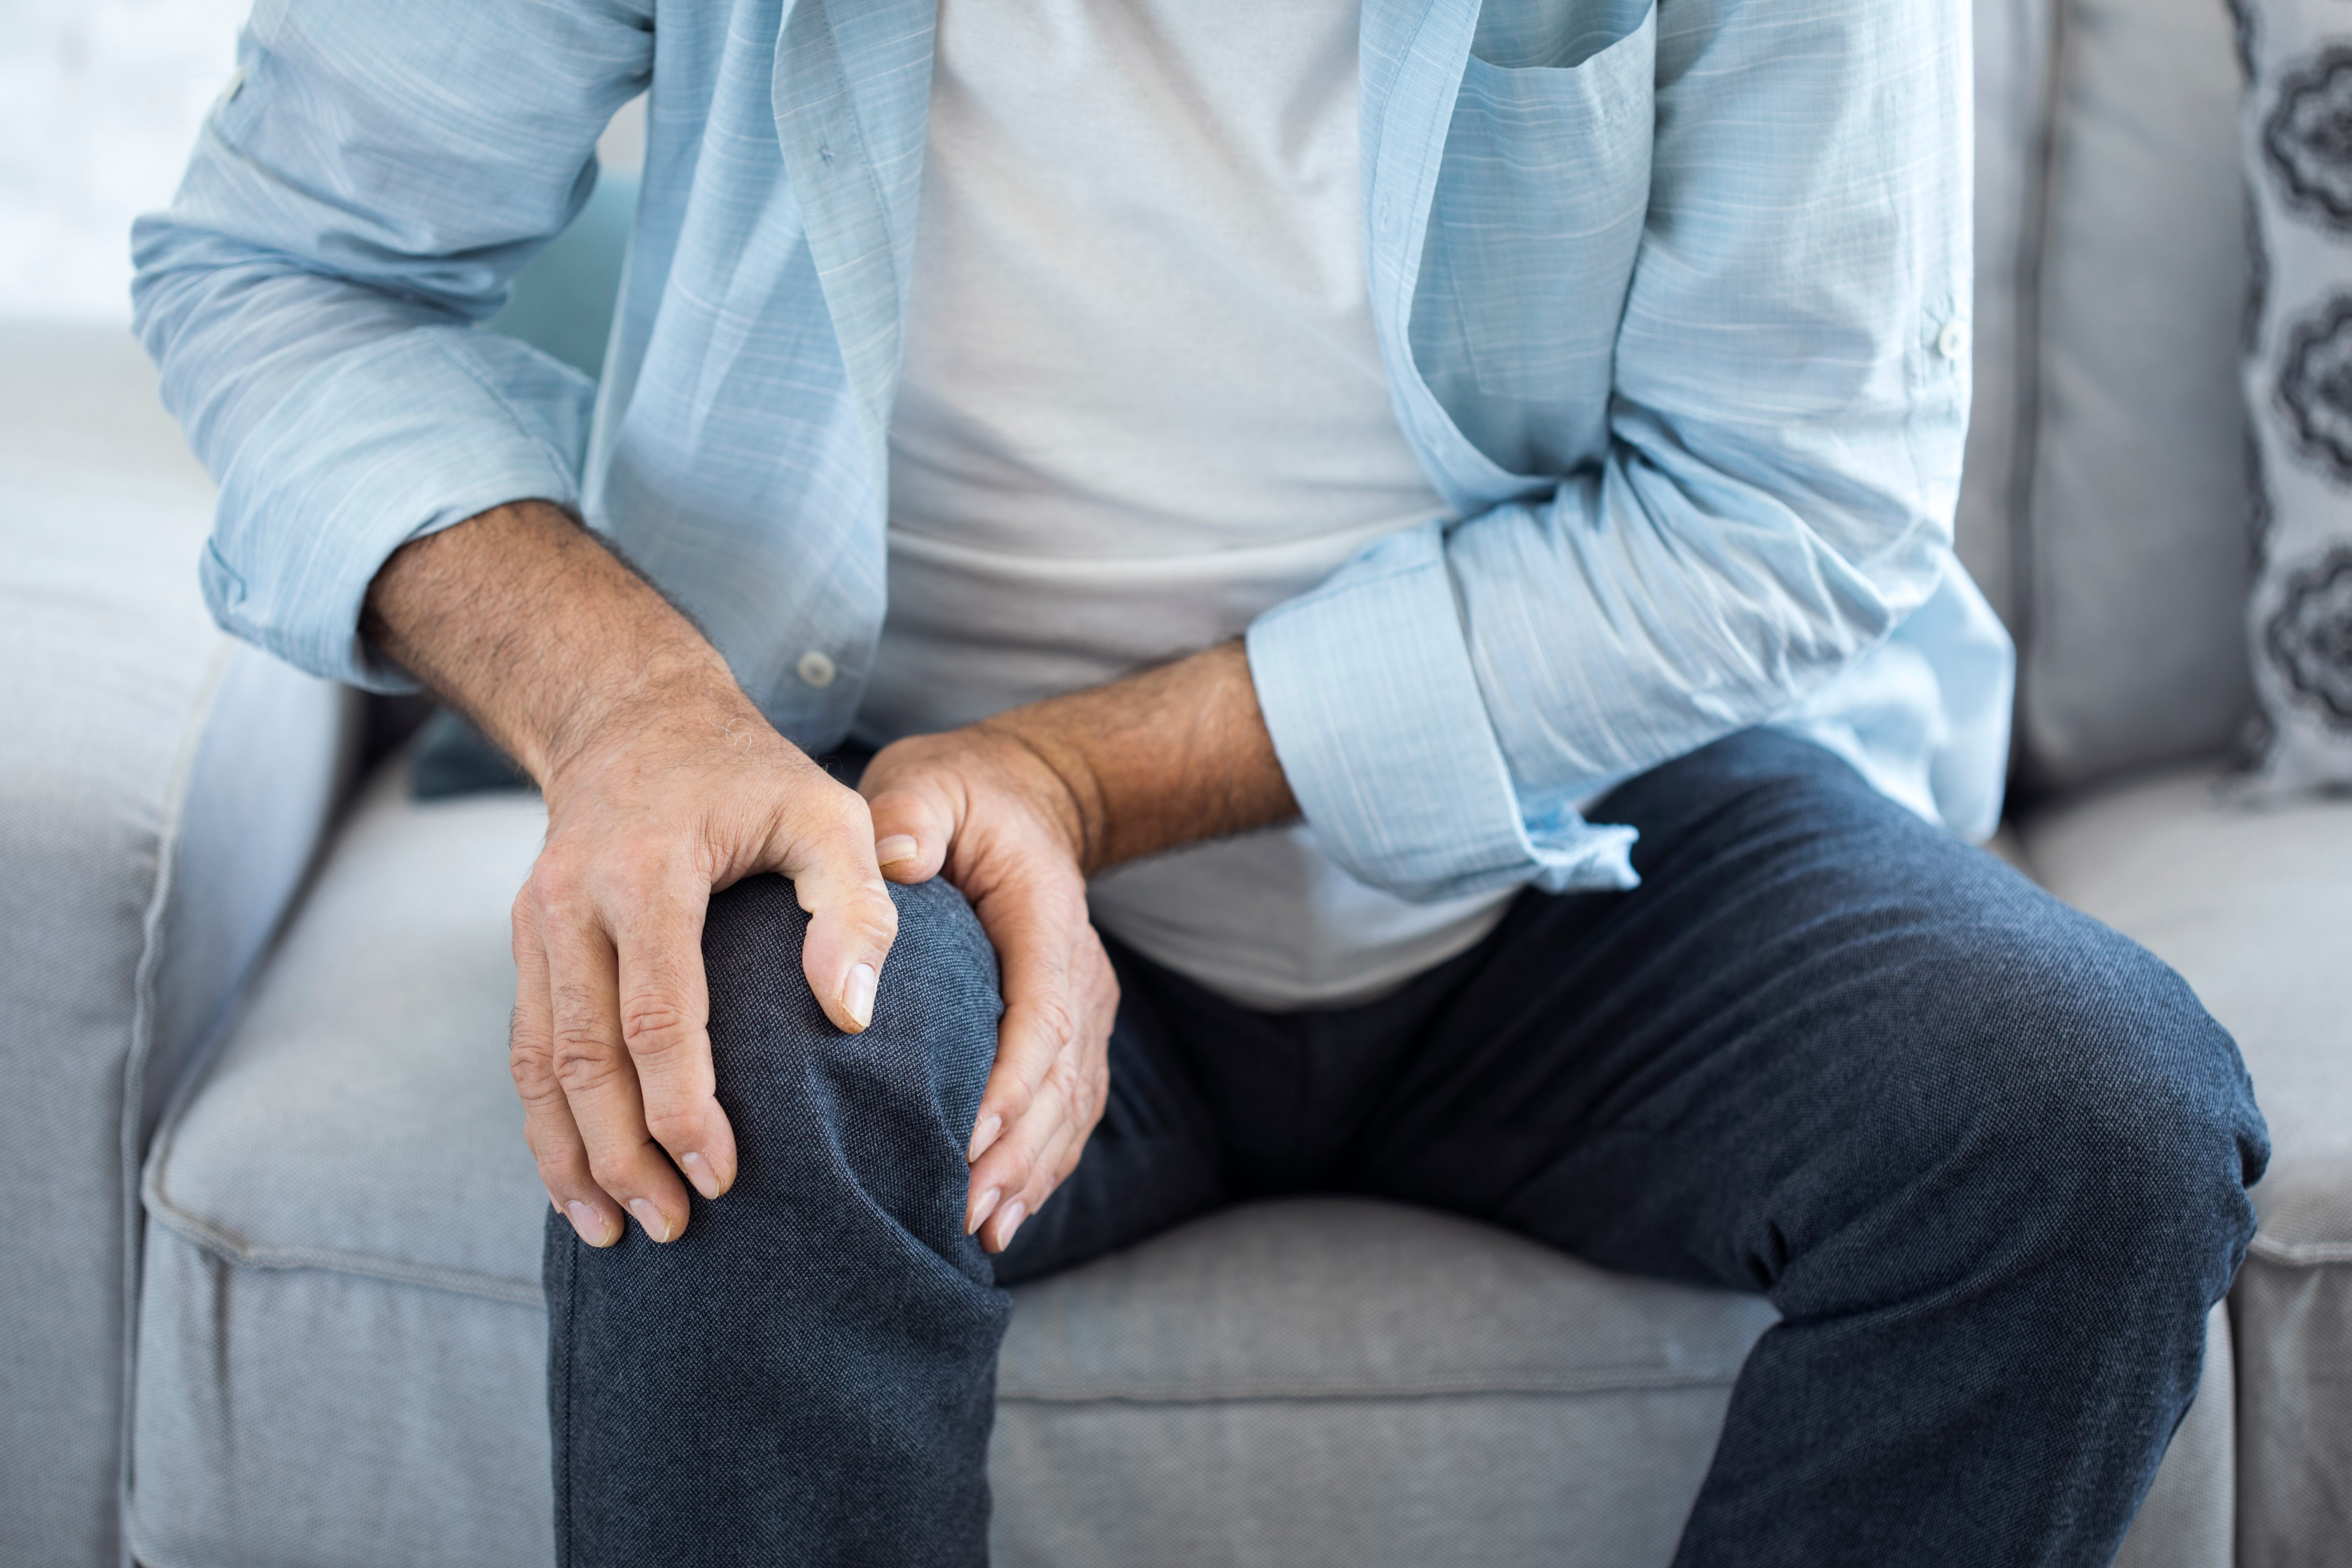 Mellrák, fájdalomcsillapítás, ízületi gyulladás   Rákgyógyítás